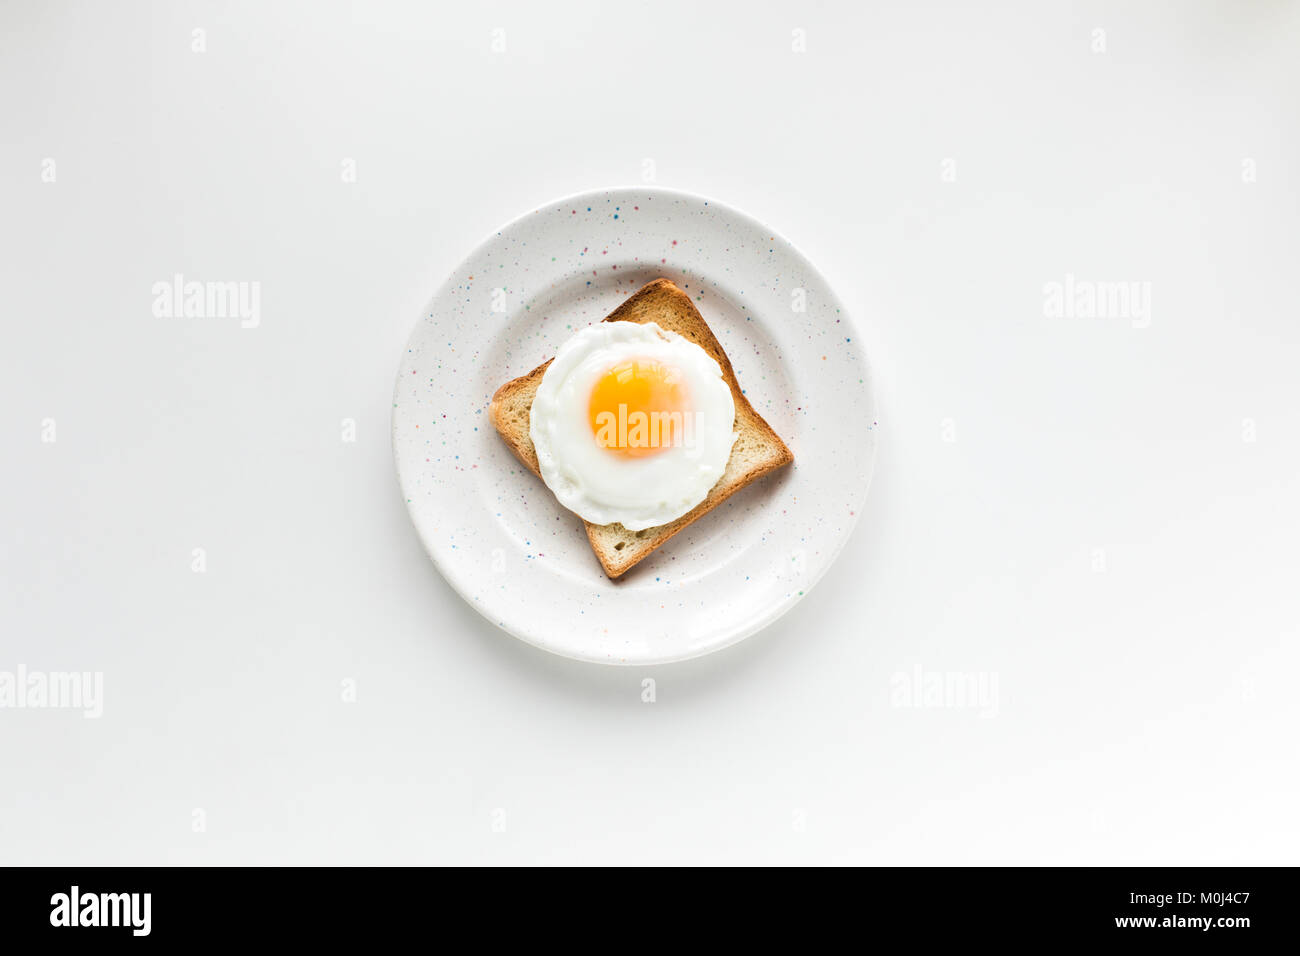 Desayuno con huevo frito en pan tostado Imagen De Stock